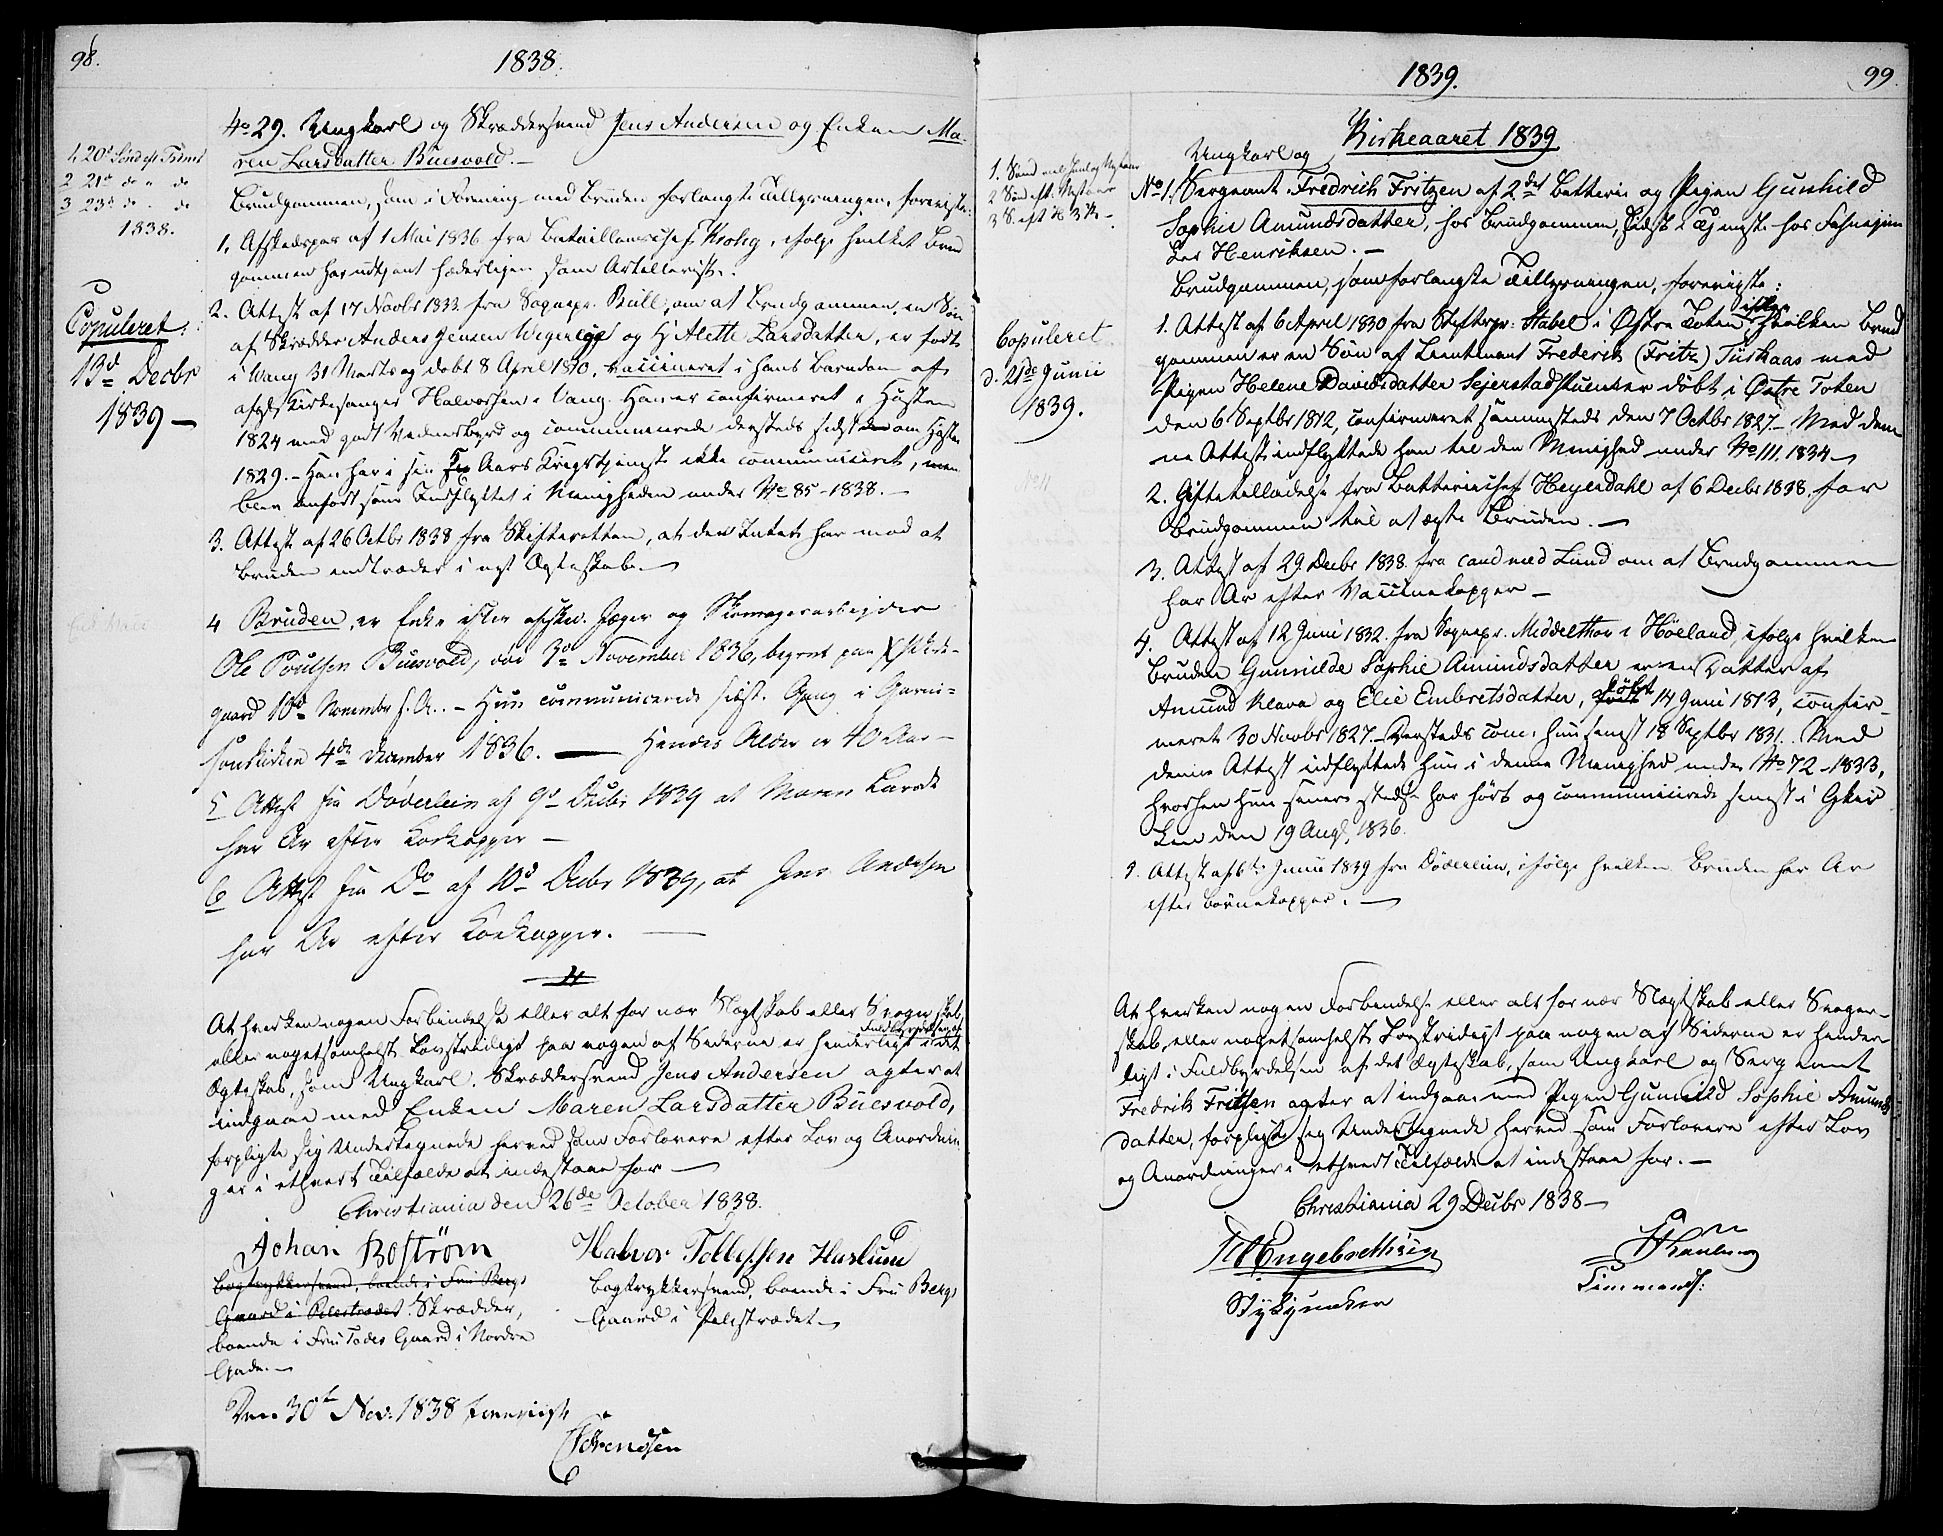 SAO, Garnisonsmenigheten Kirkebøker, H/Ha/L0003: Lysningsprotokoll nr. I 3, 1835-1840, s. 98-99